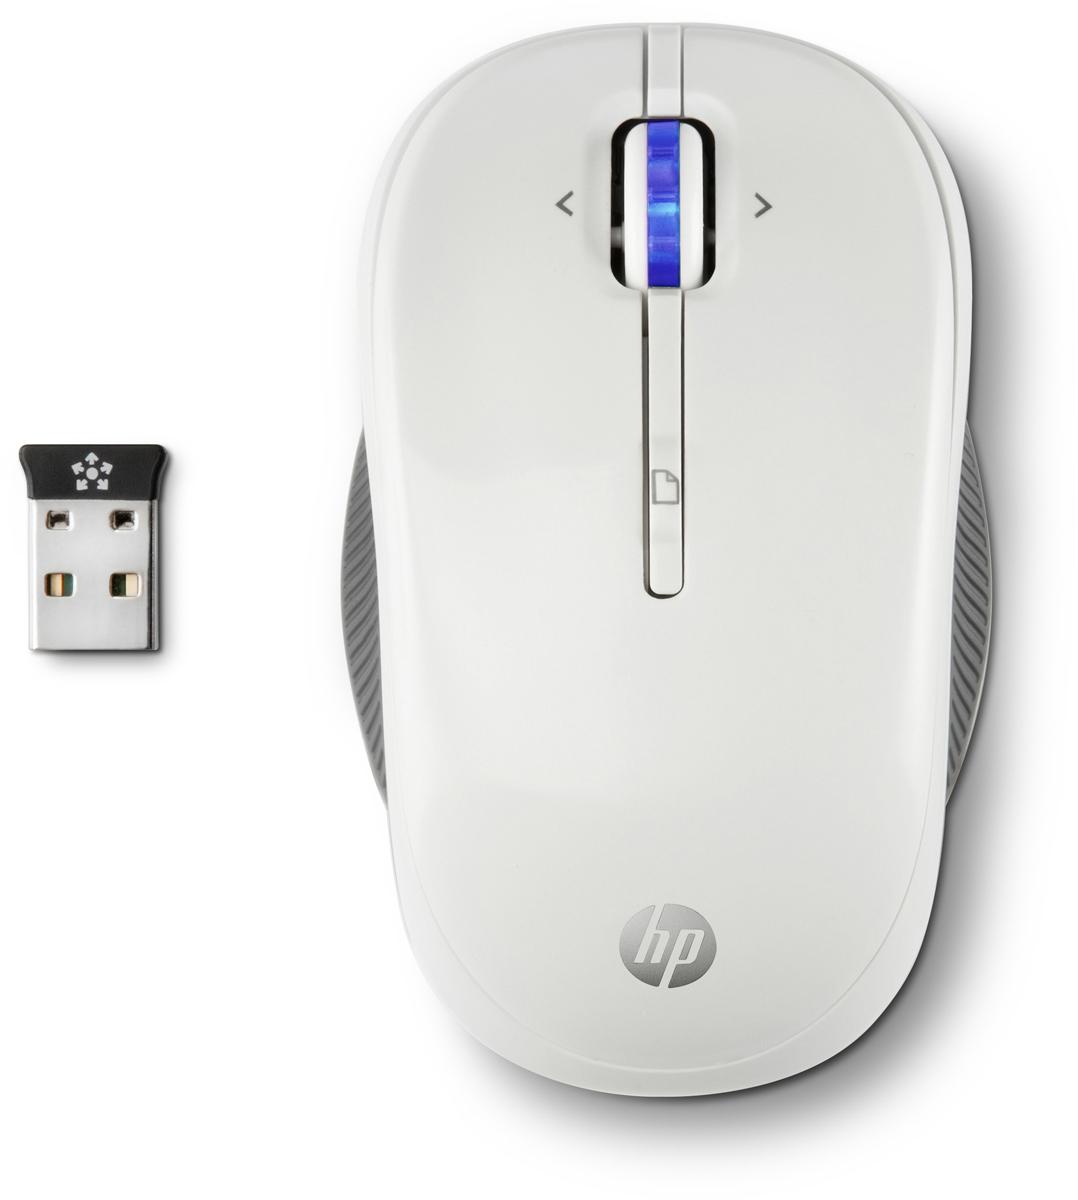 HP X3300, White мышьh4n94aaHP X3300 станет вашей любимой мышью. Компактный размер легко позволяет брать с собой. Устойчивое беспроводное подключение на частоте 2,4 ГГц открывает широкие возможности. Возможность программирования 4-й кнопки. Идеальная работа с Windows 8.